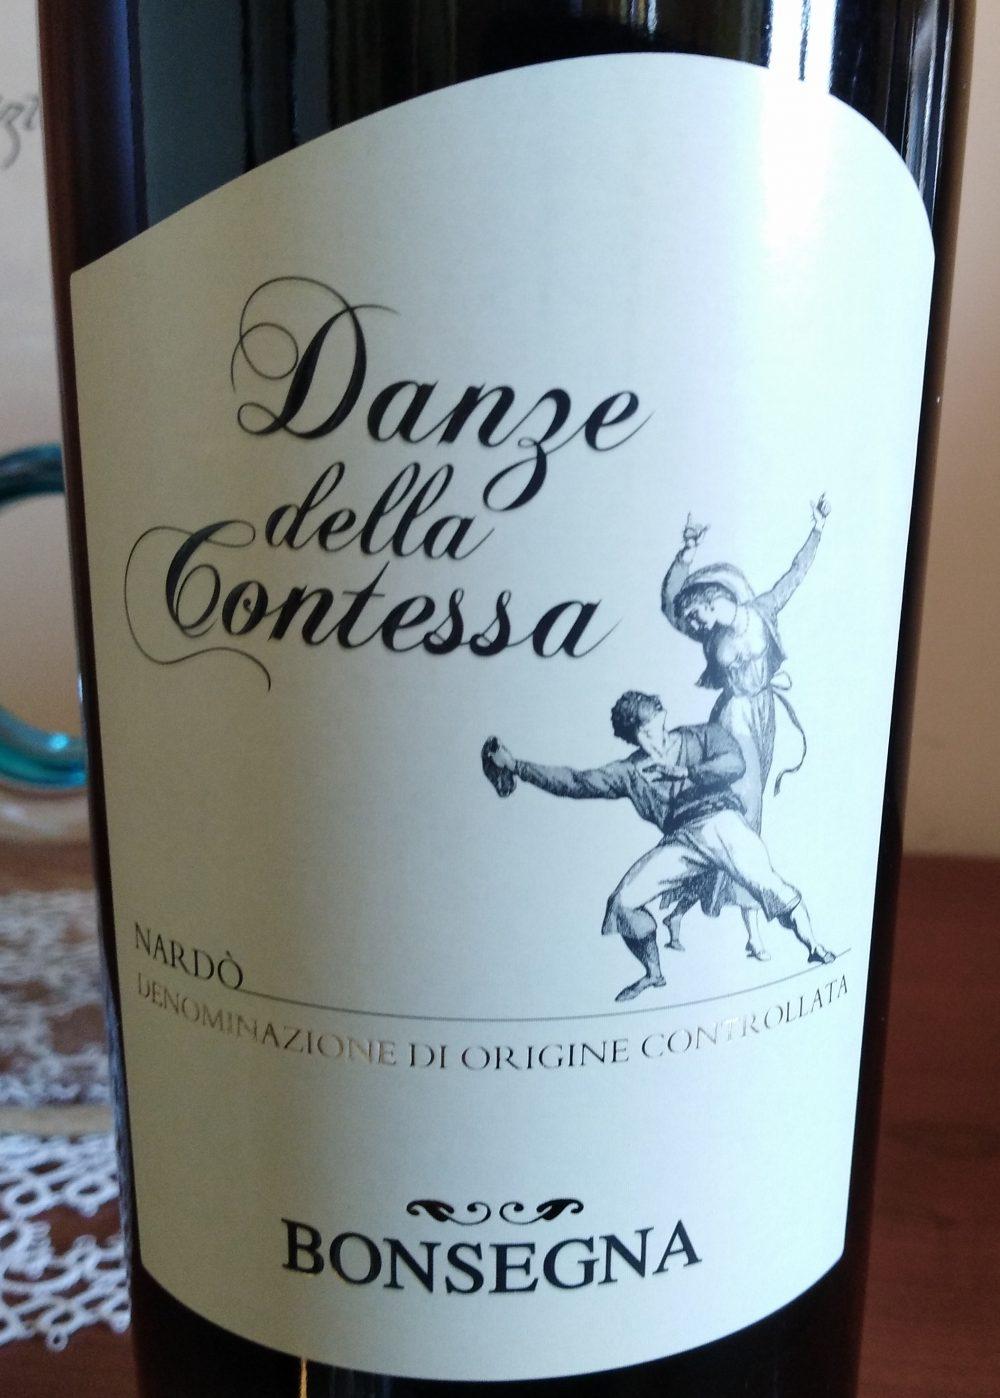 Danze della Contessa Nardo' Rosso Doc 2017 Bonsegna